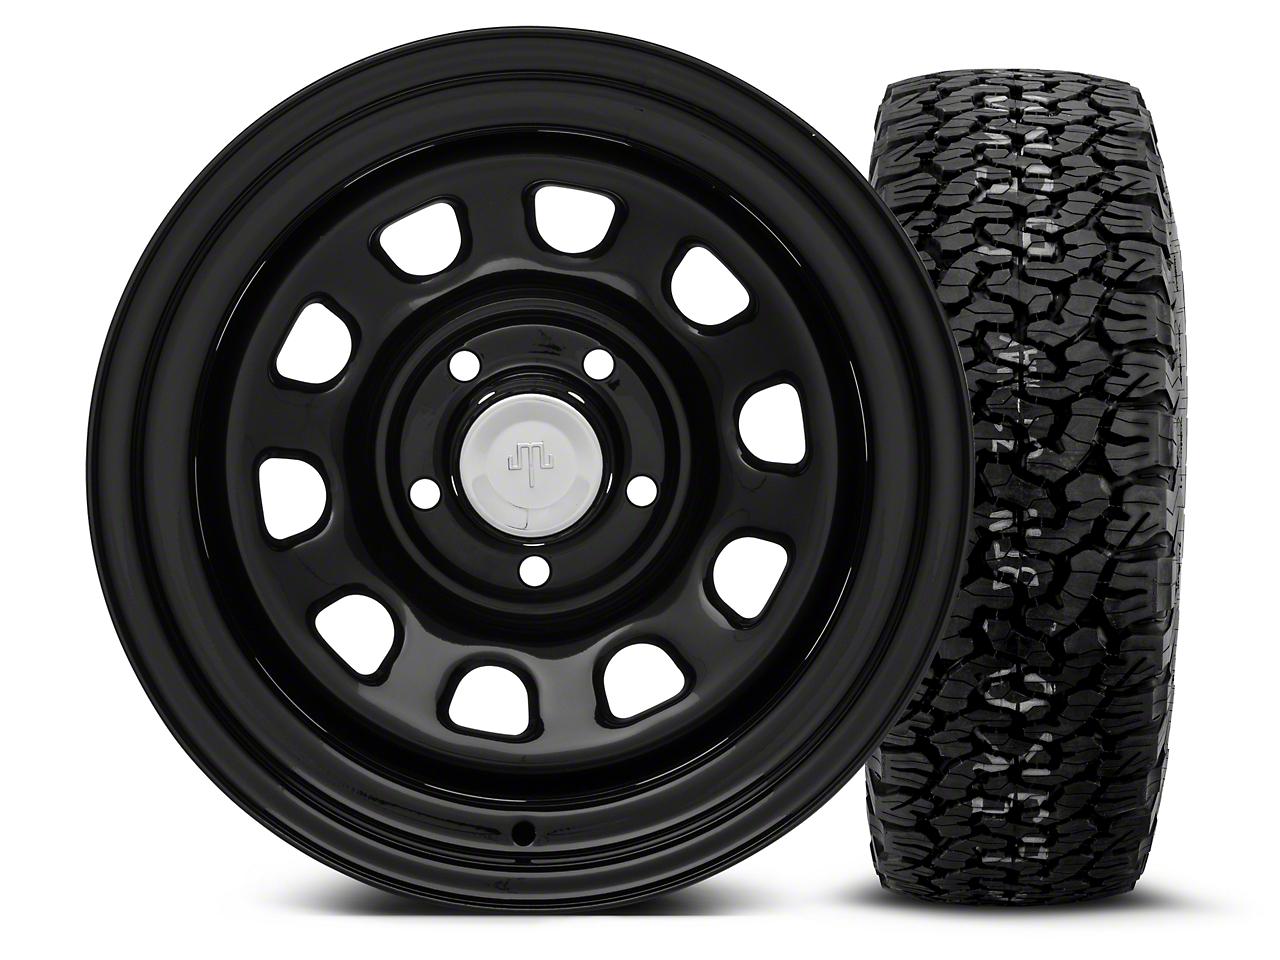 Mammoth D Window Black Steel 15x10 Wheel & BF Goodrich All Terrain TA KO2 35x12.5R15 Tire Kit (87-06 Jeep Wrangler YJ & TJ)